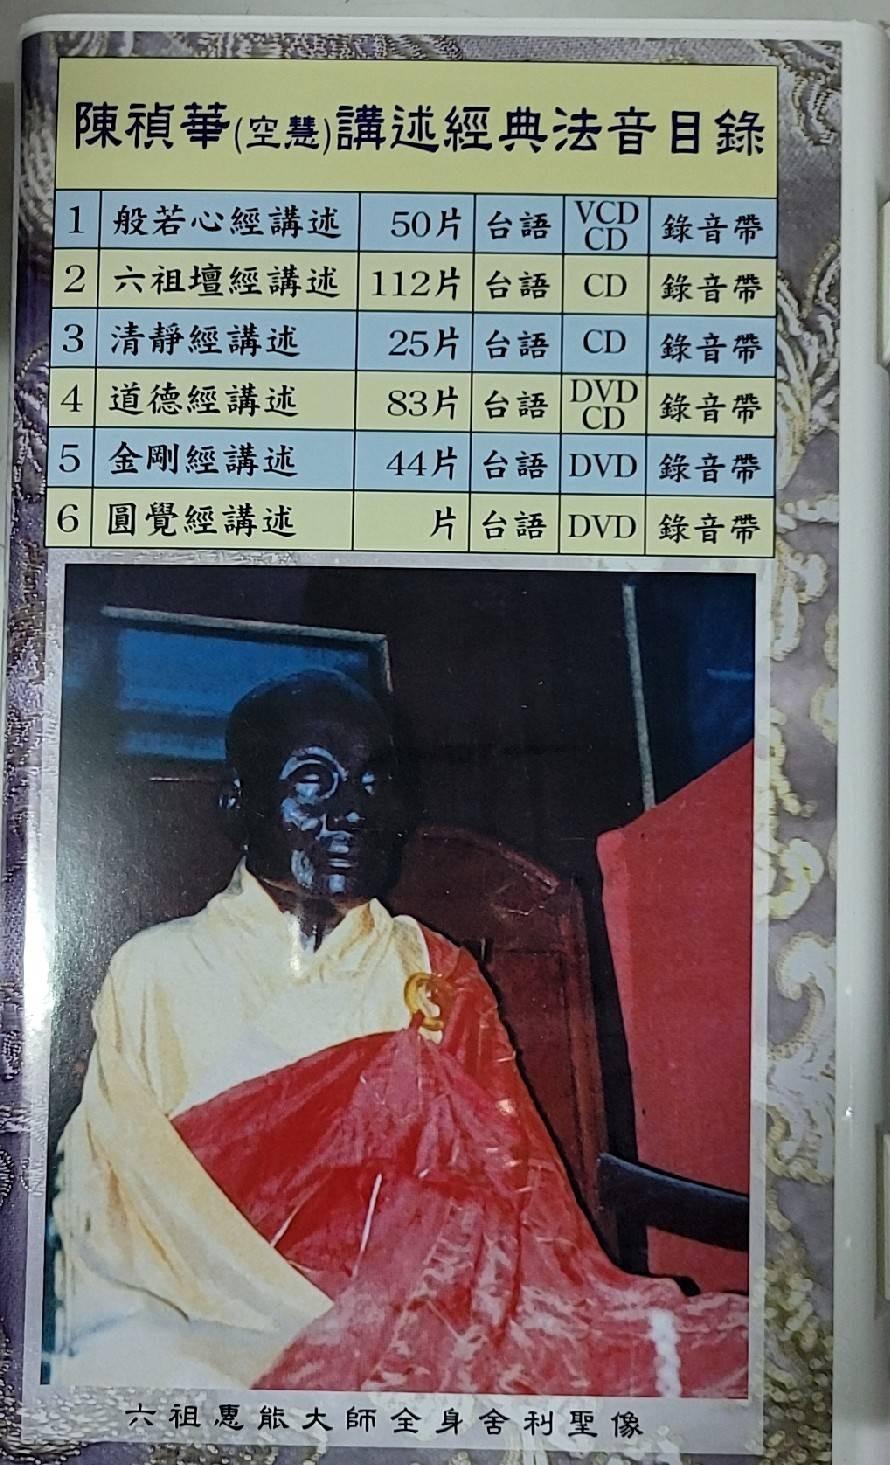 〈免費結緣〉六祖壇經CD(103片) 共計三盒裝   陳禎華資深講師